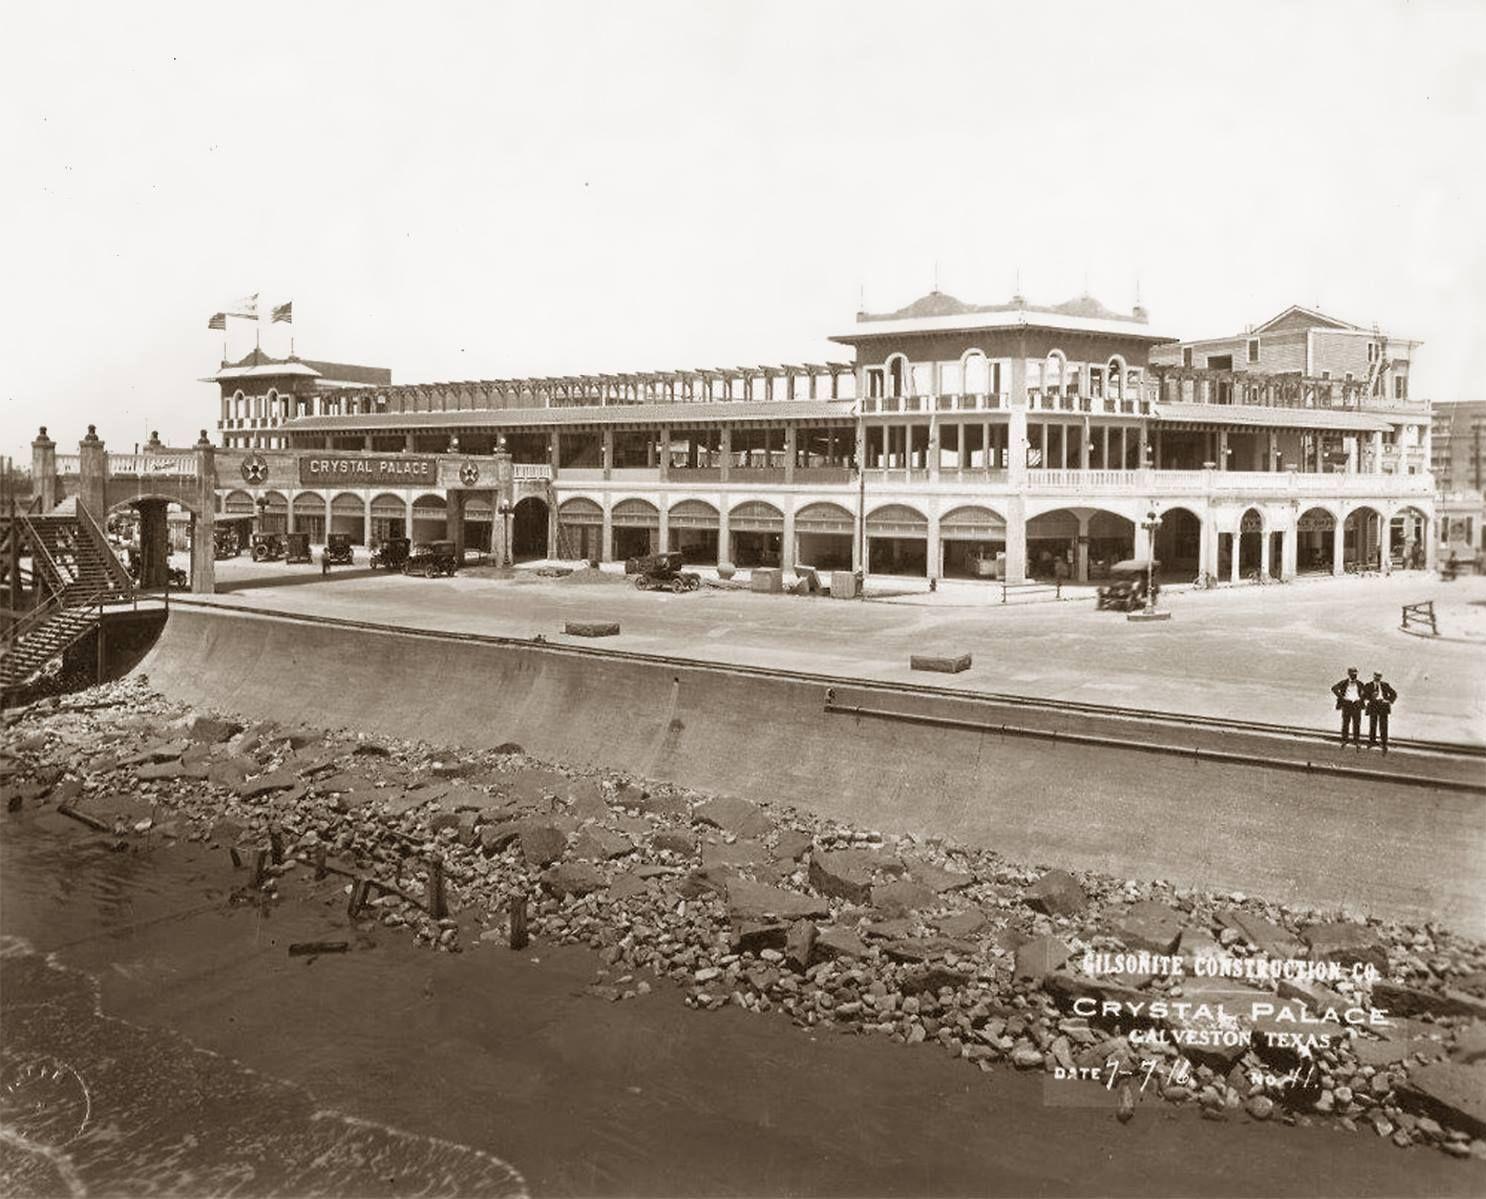 Palace  C B Crystal Palace Galveston Beach